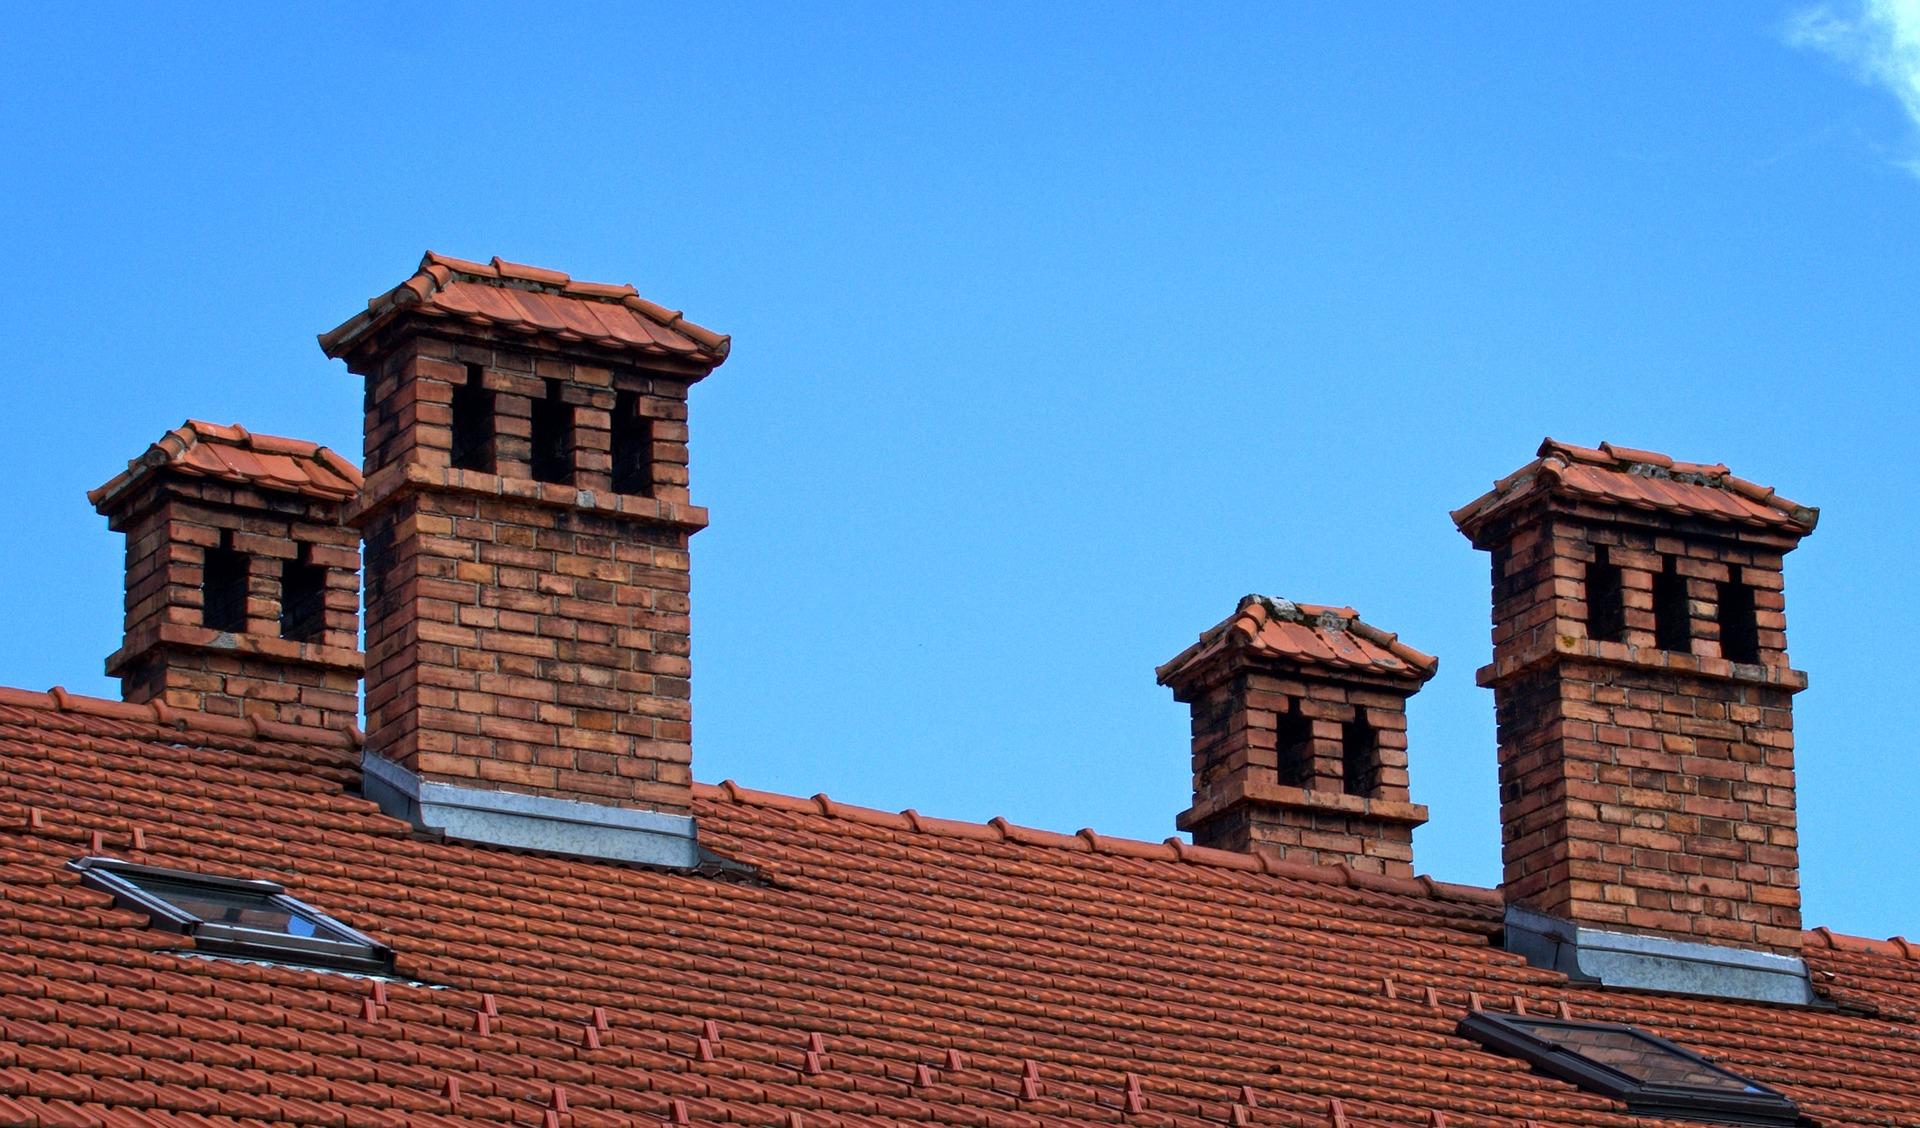 chimney-1610082_1920 (1)